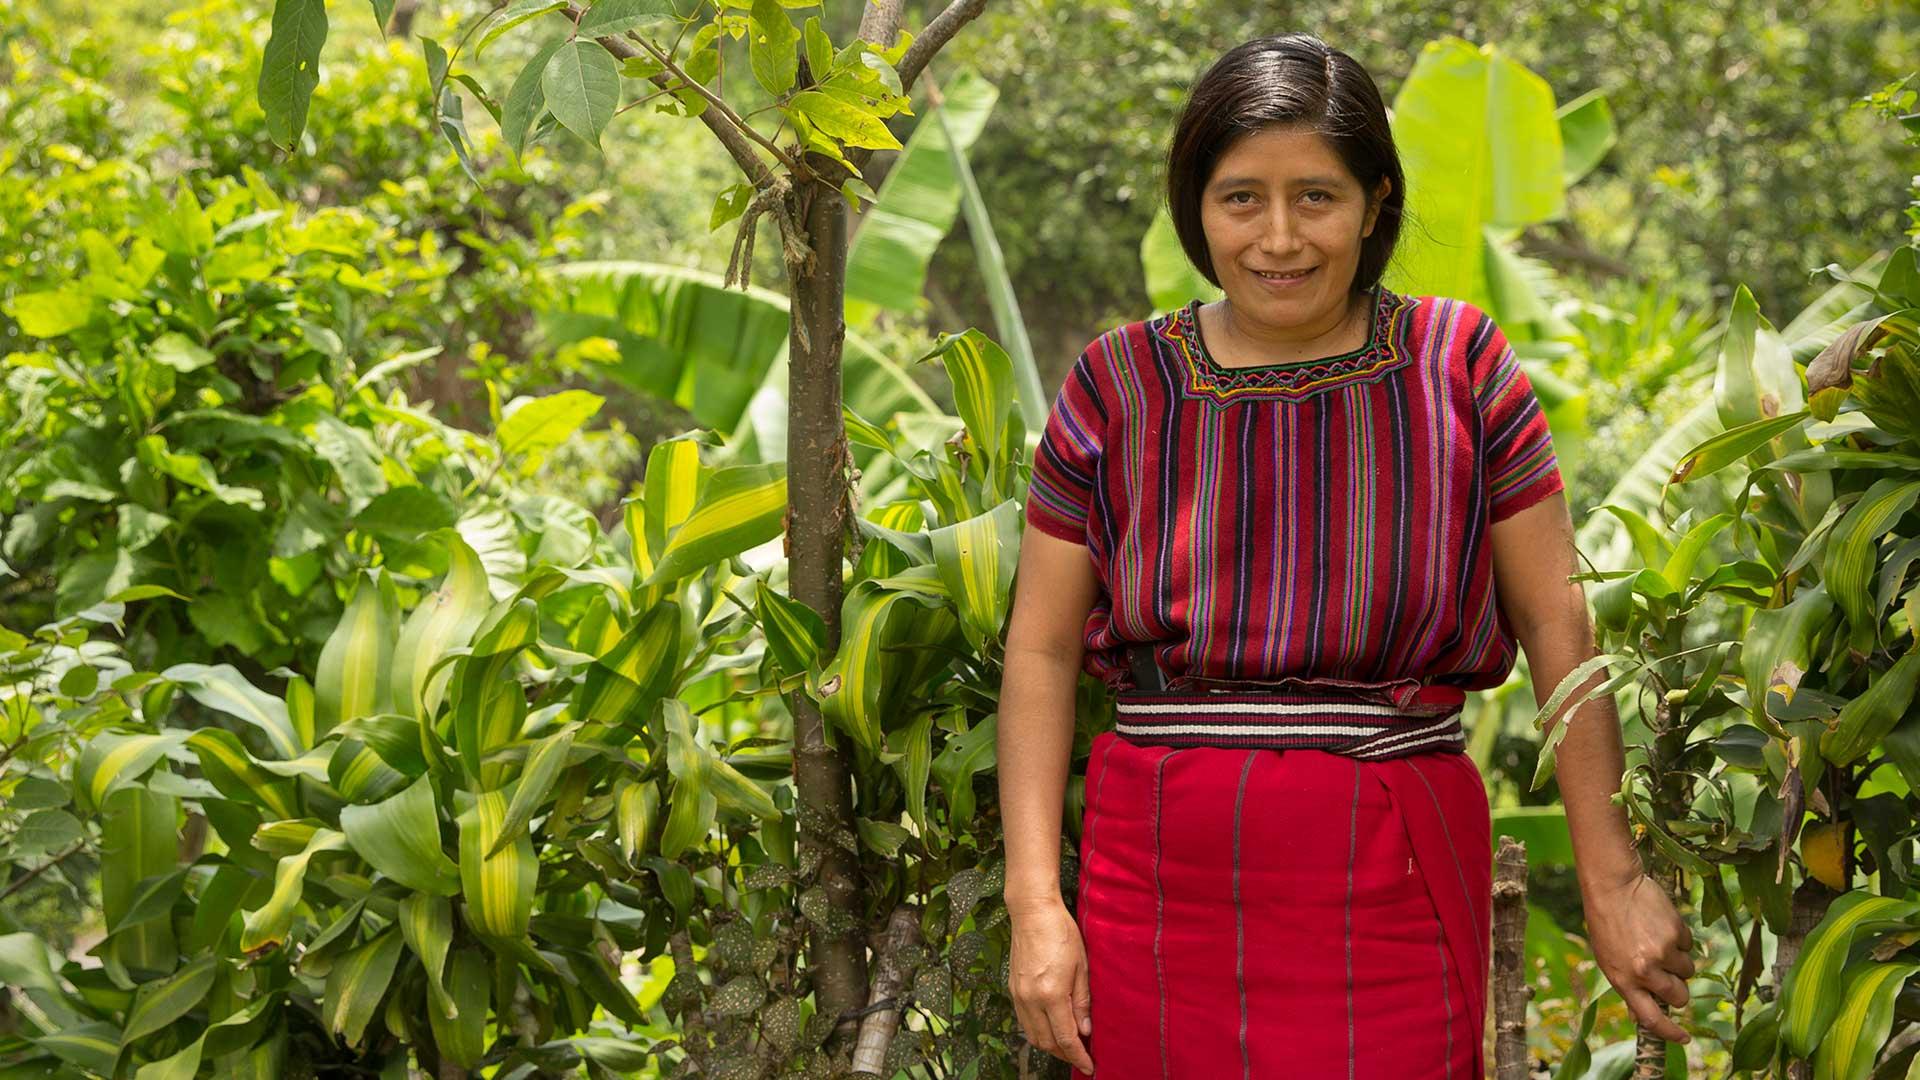 Magdalena, konsthantverkare som tillverkar smycken åt Wakami, poserar i praktfull indiandräkt mot en bakgrund av regnskogsgröna växter.